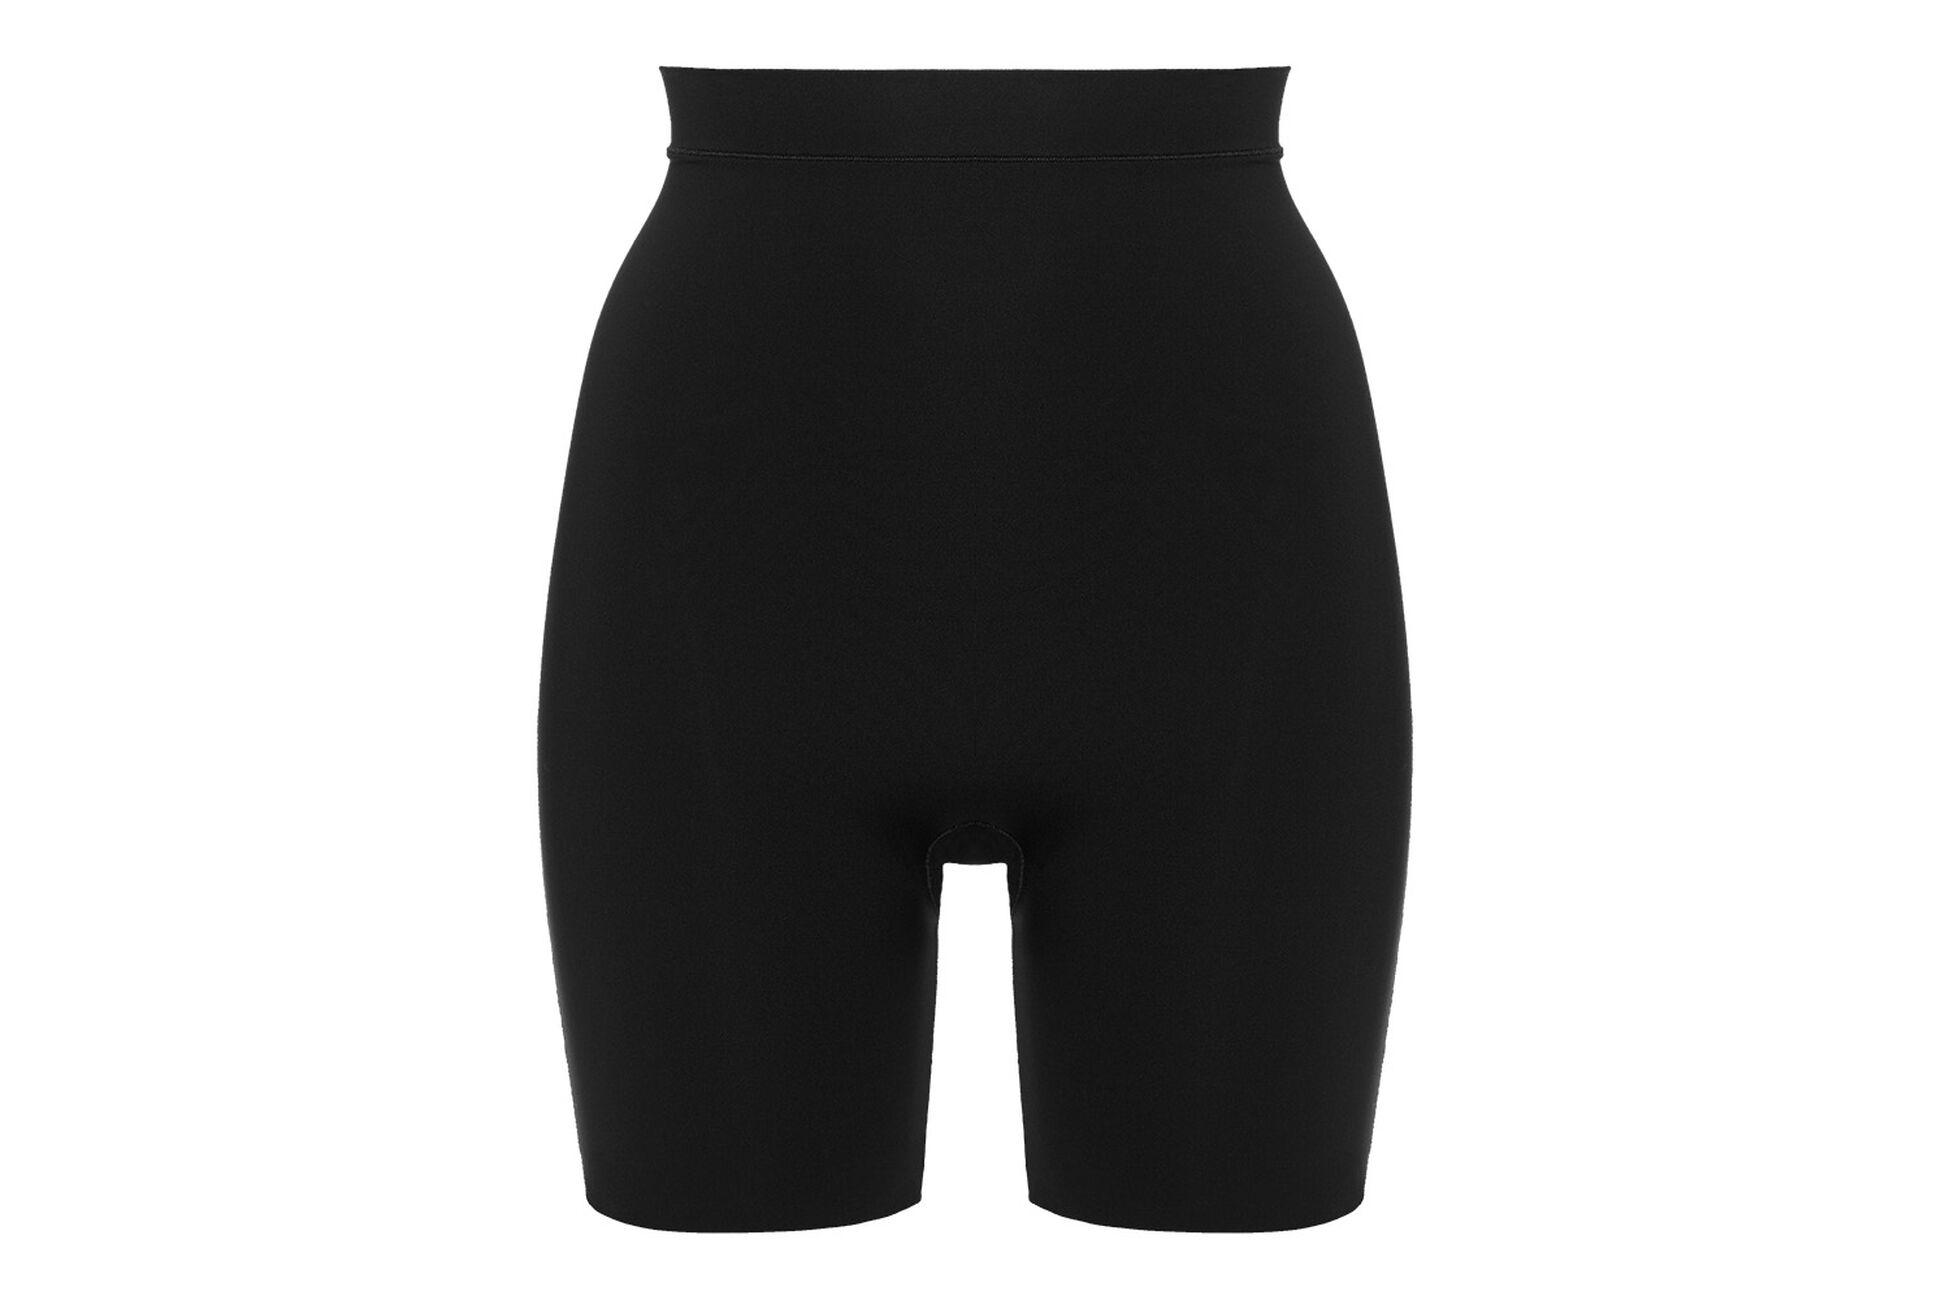 Curve Panty standard vista �